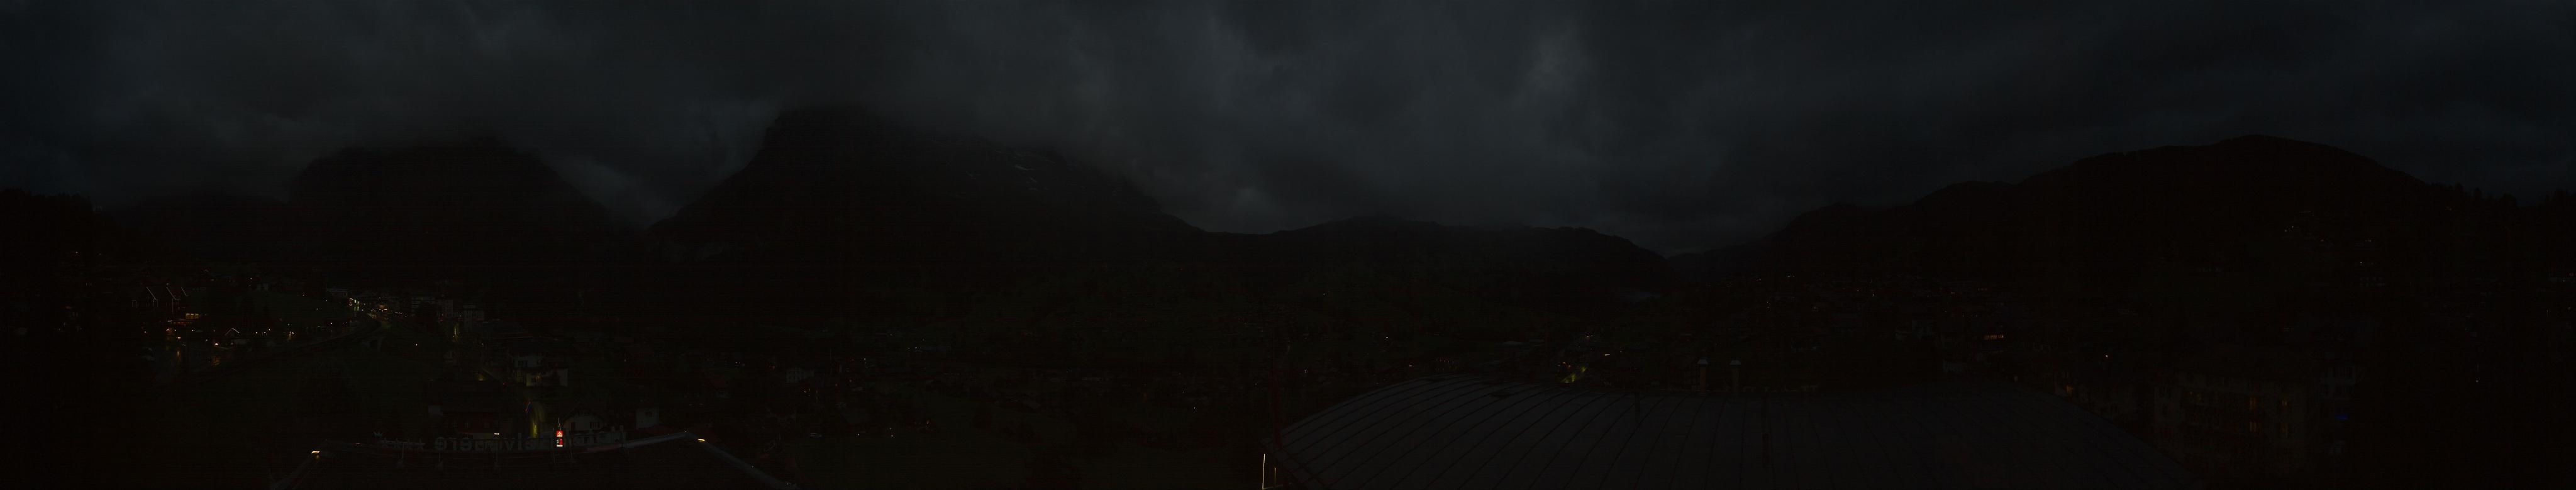 Grindelwald: Belvedere Swiss Quality Hotel Grindelwald - Eiger - Wetterhorn - Kleine Scheidegg